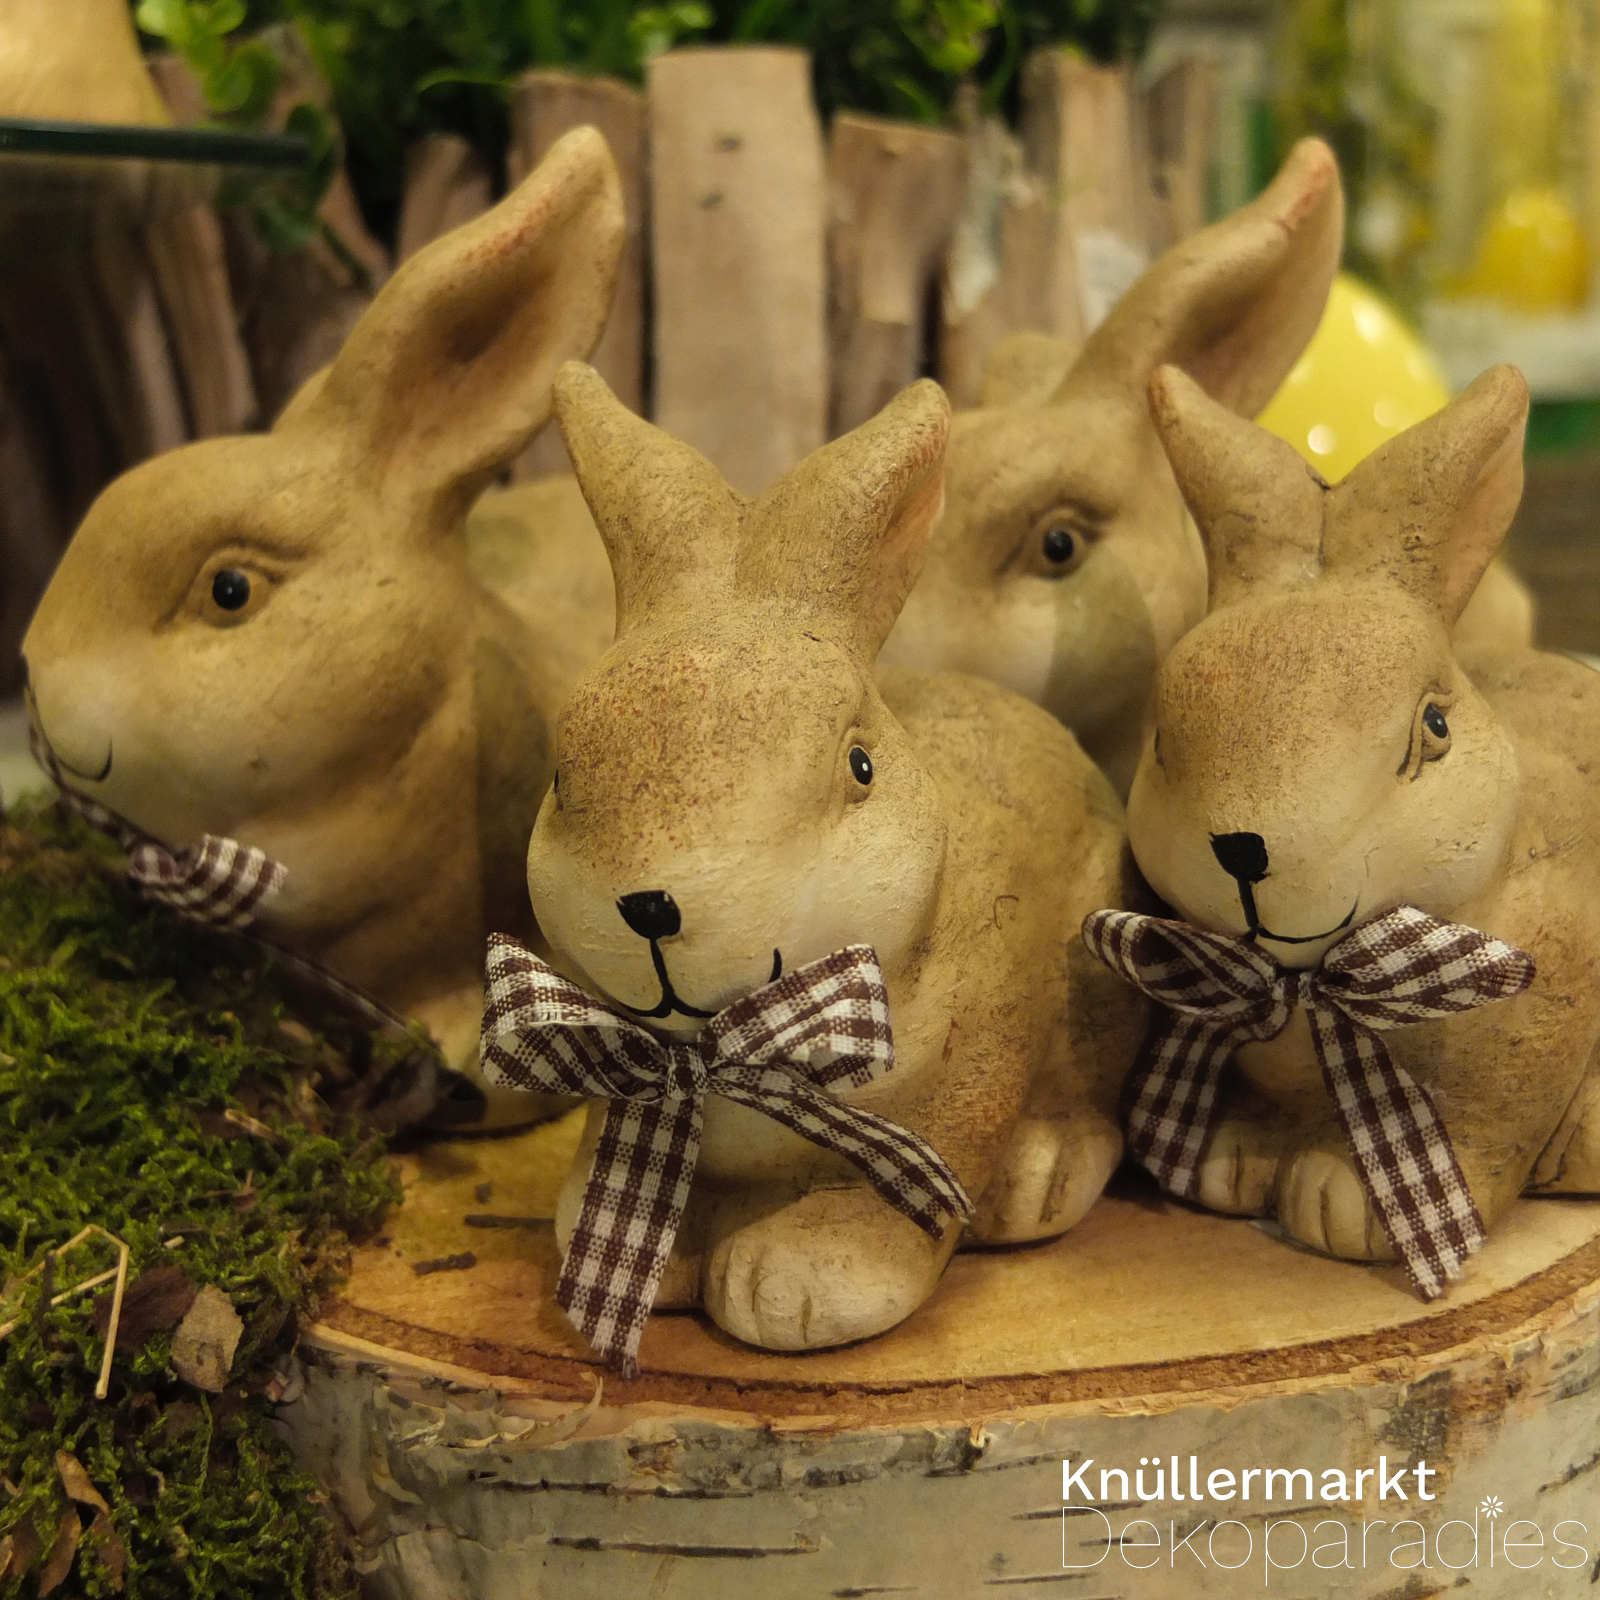 gallerie-2-themenseite-oster-ostern-easter-hase-eier-blume-deko-paradies-knuellermarkt